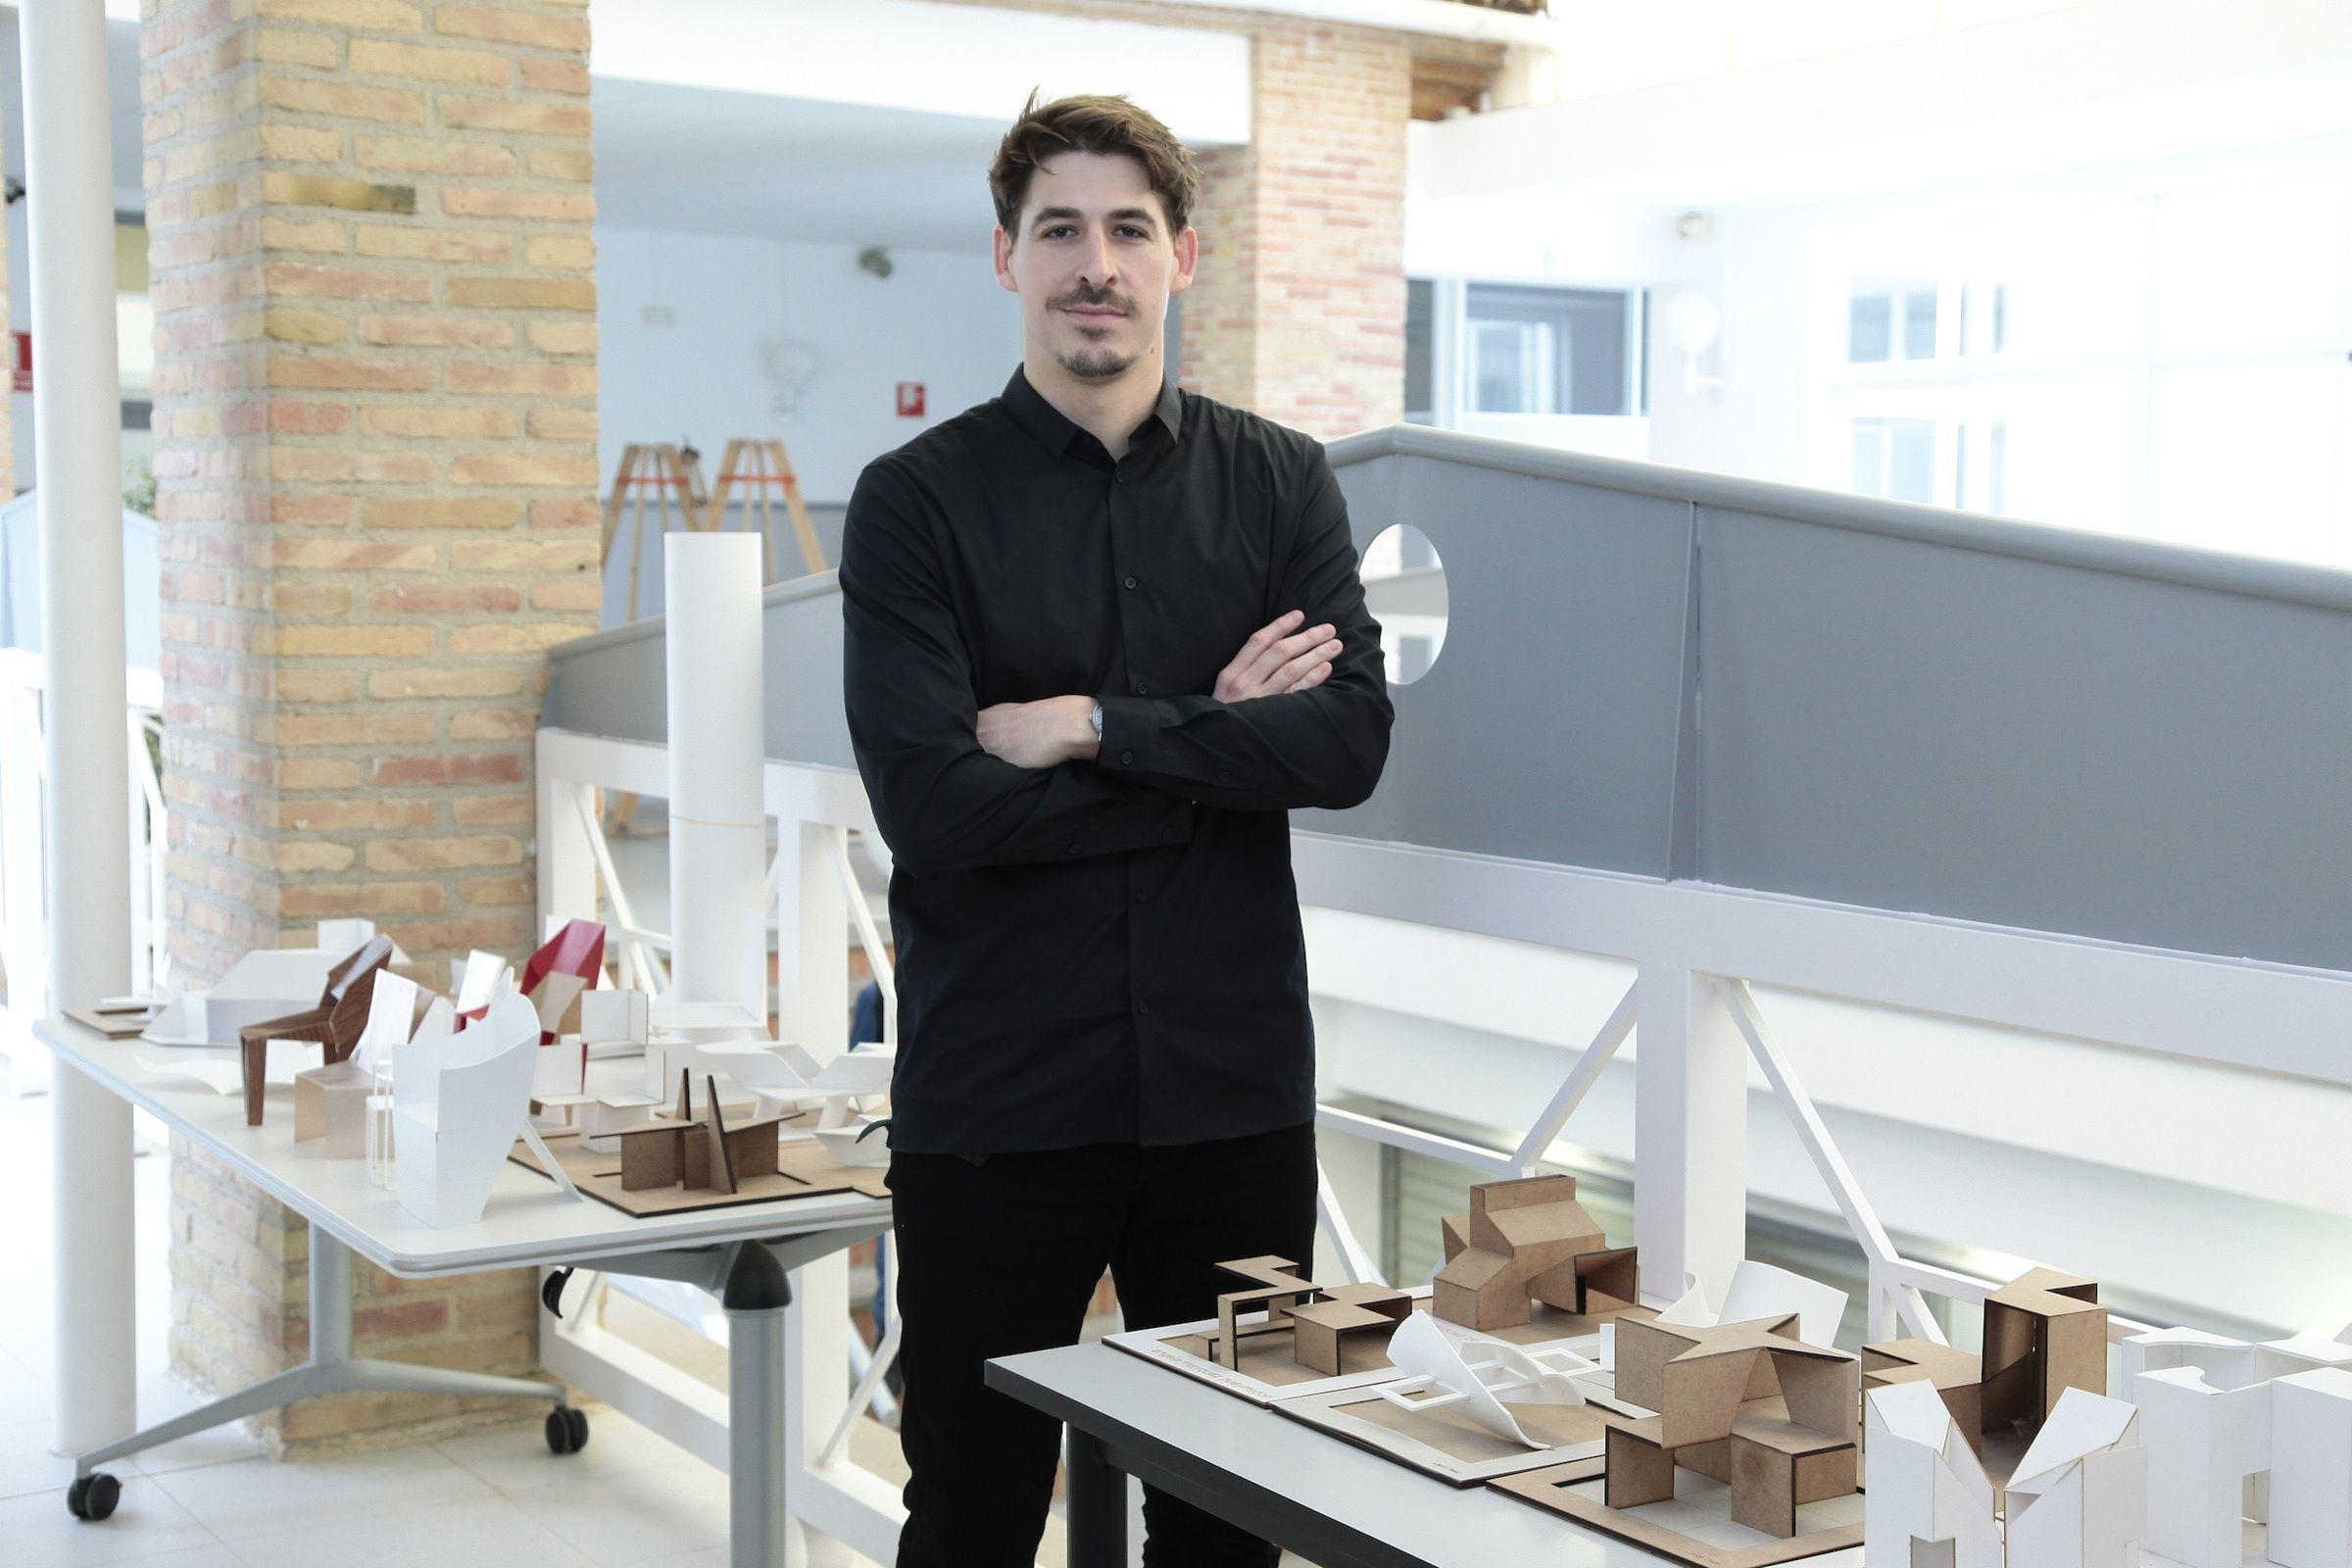 Raúl Edo, formado en la CEU-UCH, es actualmente jefe del área de Diseño de Producto del prestigioso estudio Lavernia & Cienfuegos.